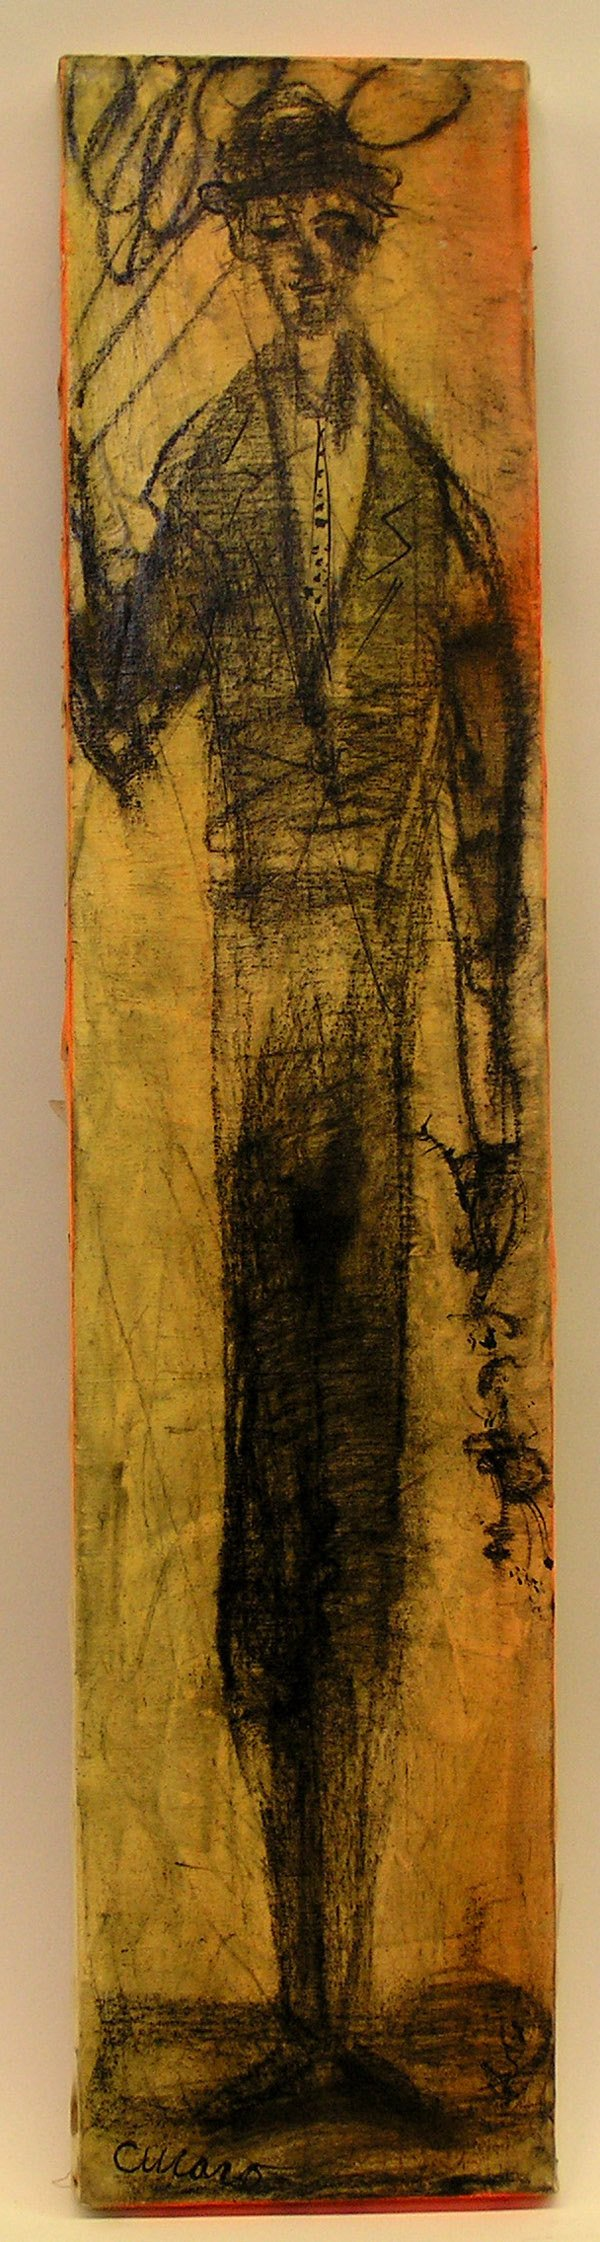 4: Cucaro painting